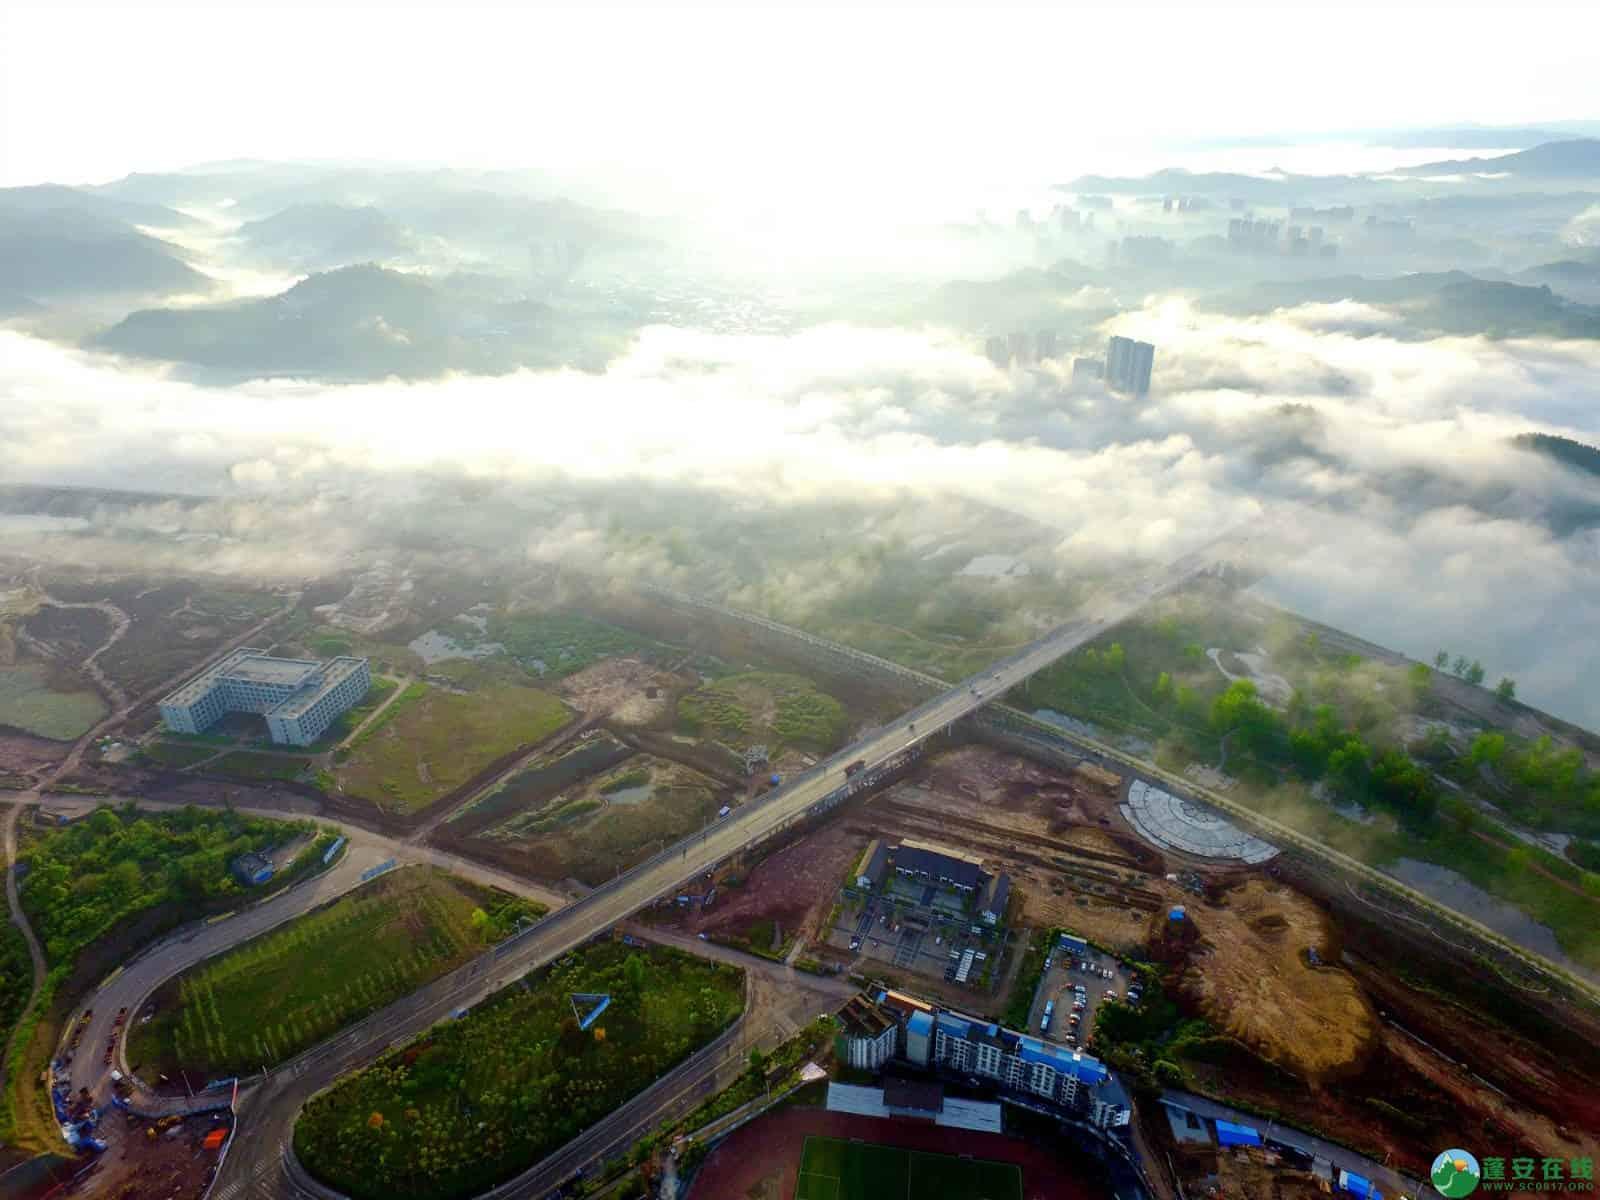 雾境蓬安 - 第14张  | 蓬安在线